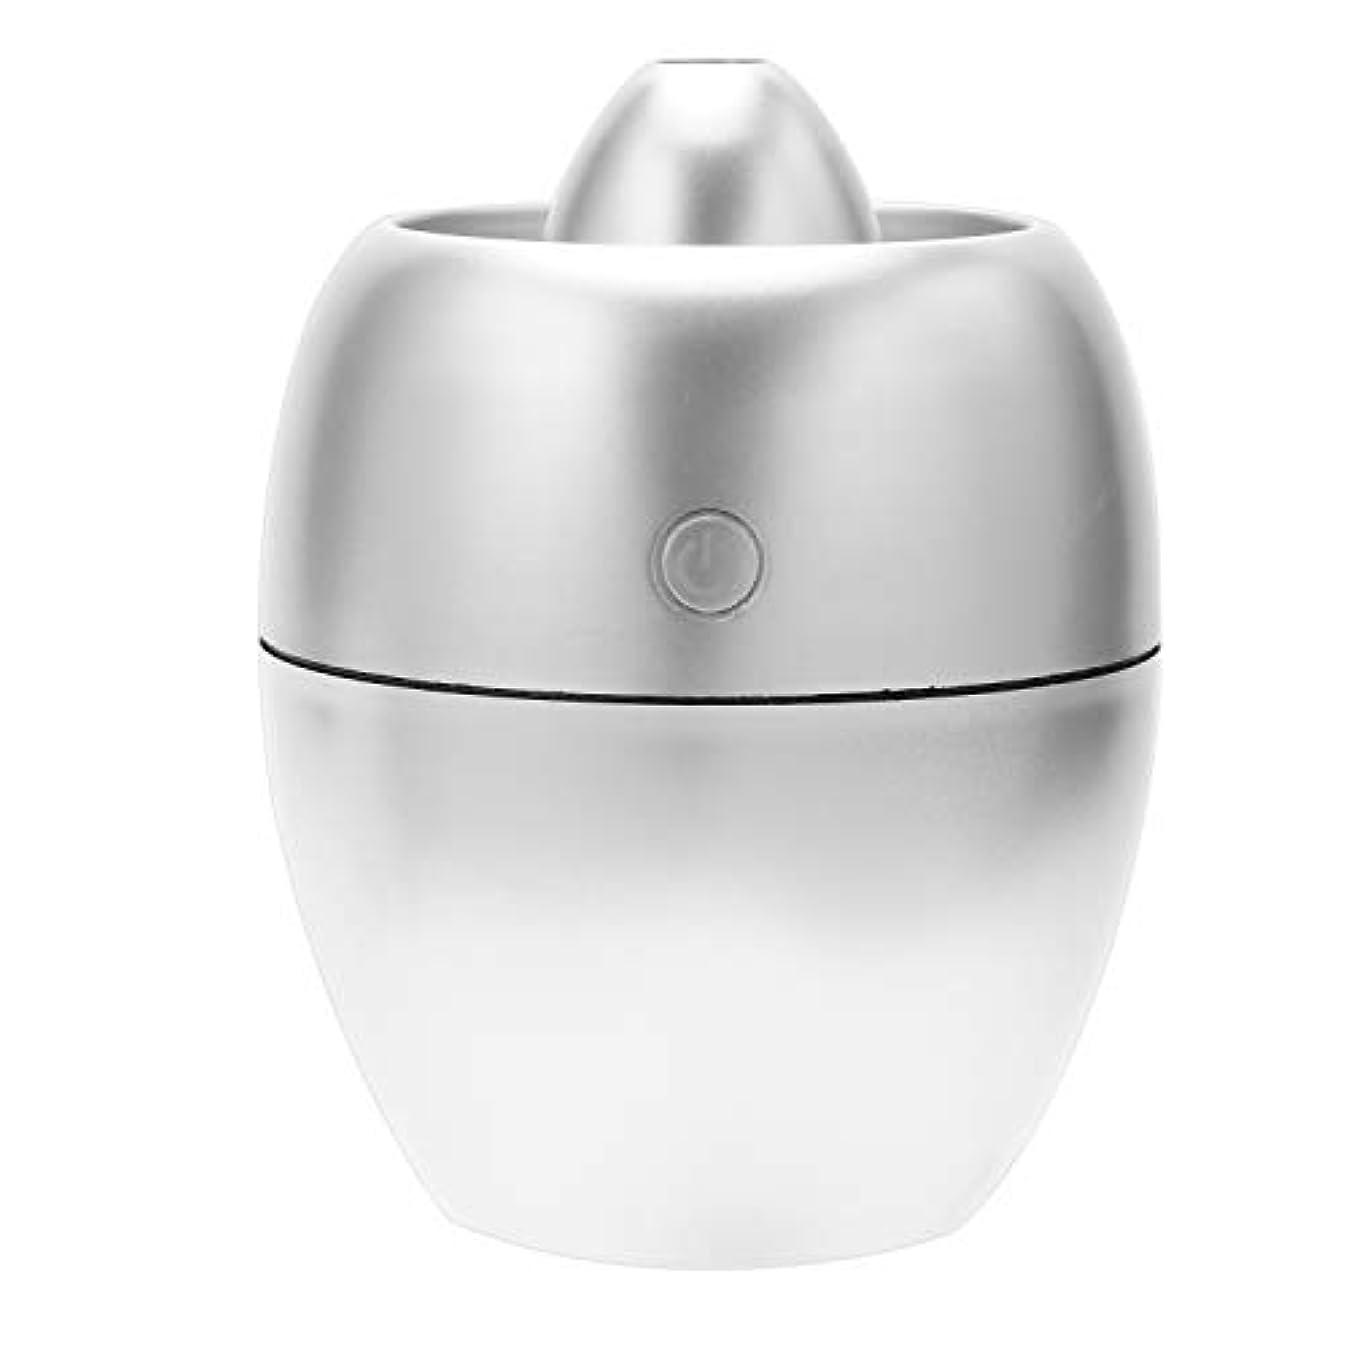 腹部医薬むしろNrpfell 260Ml 車の充電器空気加湿器、ミニ アロマのディフューザー エッセンシャルオイル アロマセラピー ポータブル ミスト機、銀色